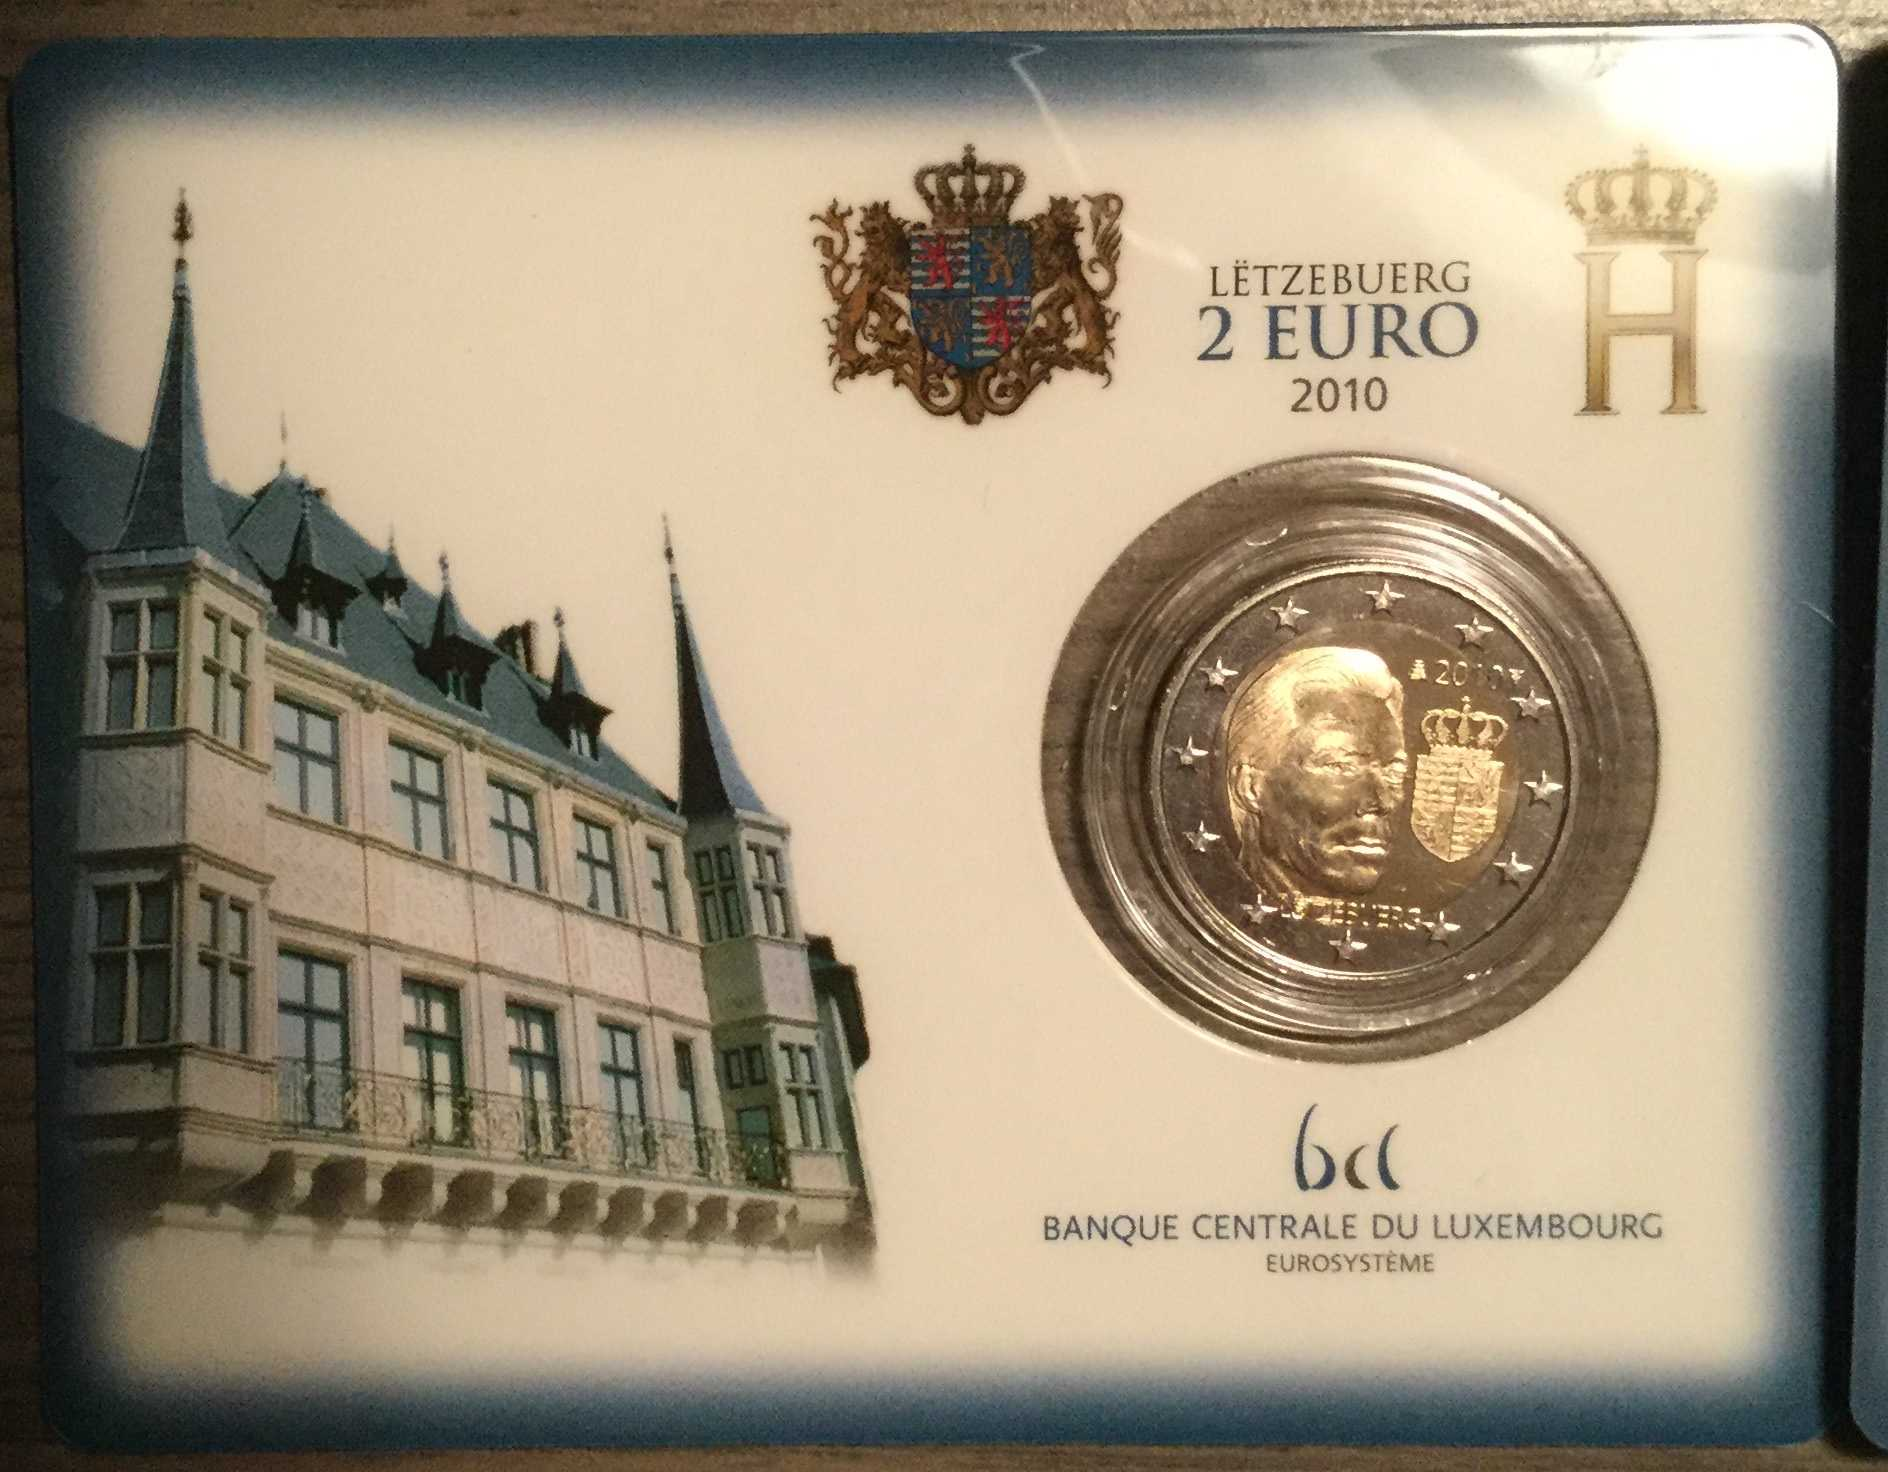 Muenzenshopeu Ihr Fachhändler Für Beliebte Sammlermünzen Und 0